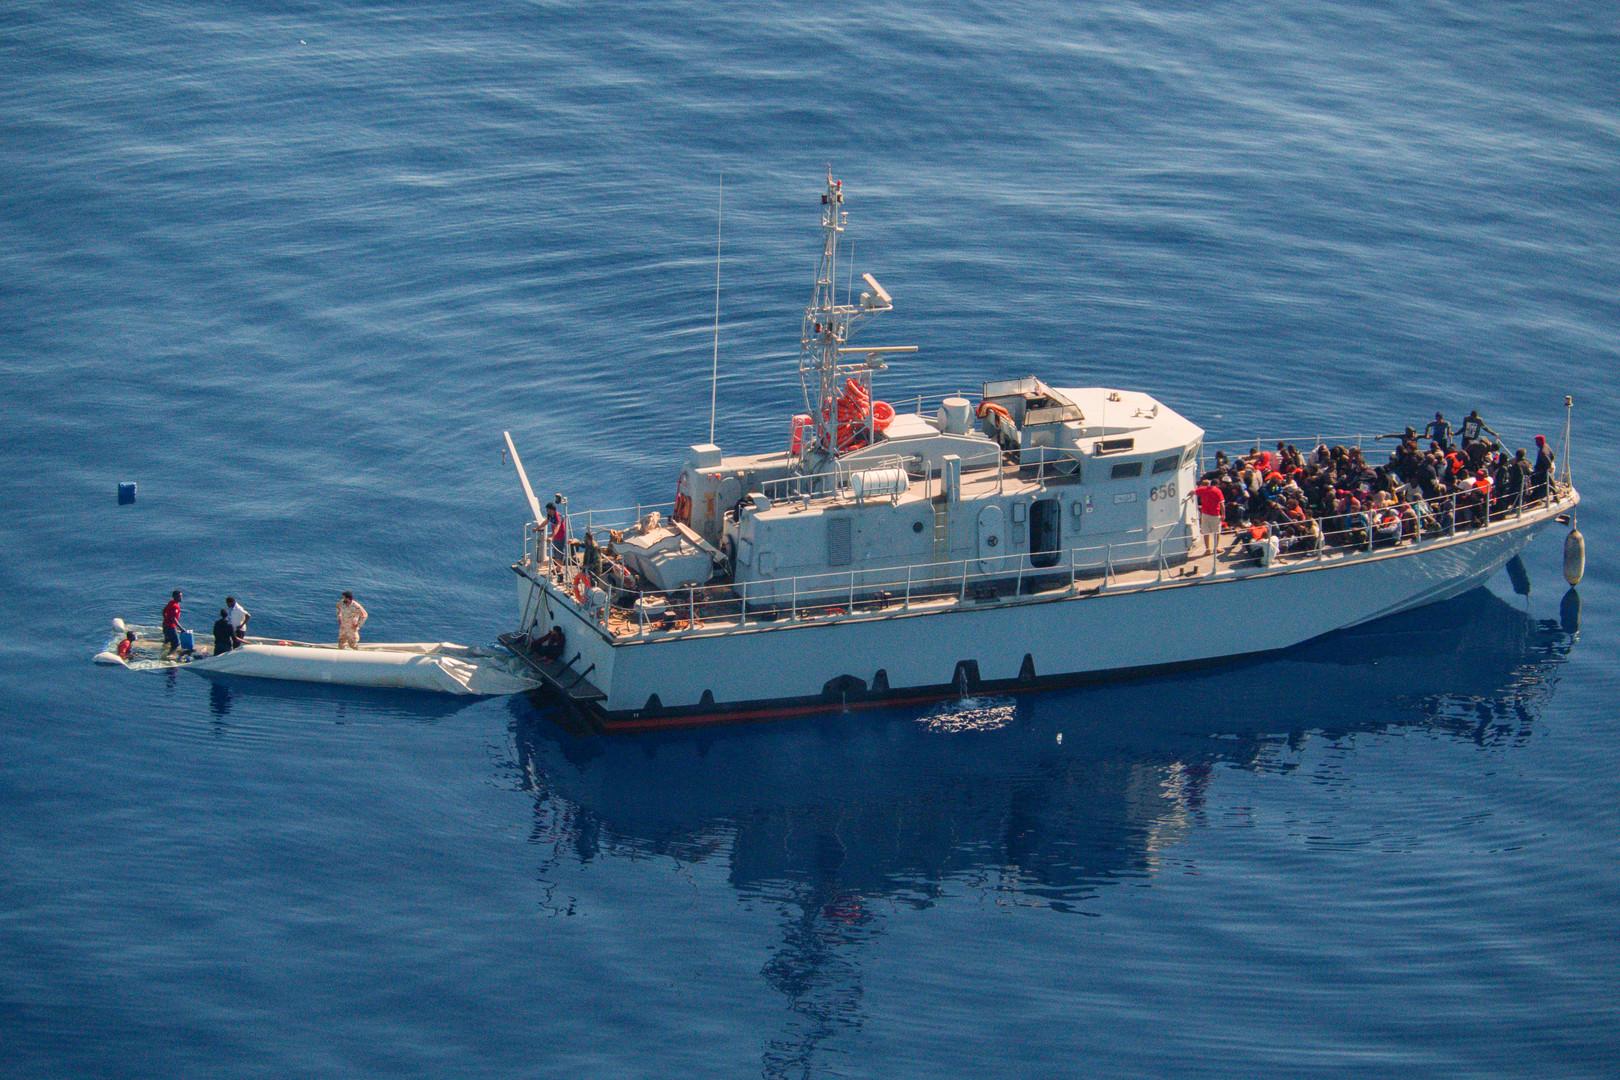 البحرية الليبية تنقذ نحو 300 مهاجر قبالة ساحل طرابلس الشرقي